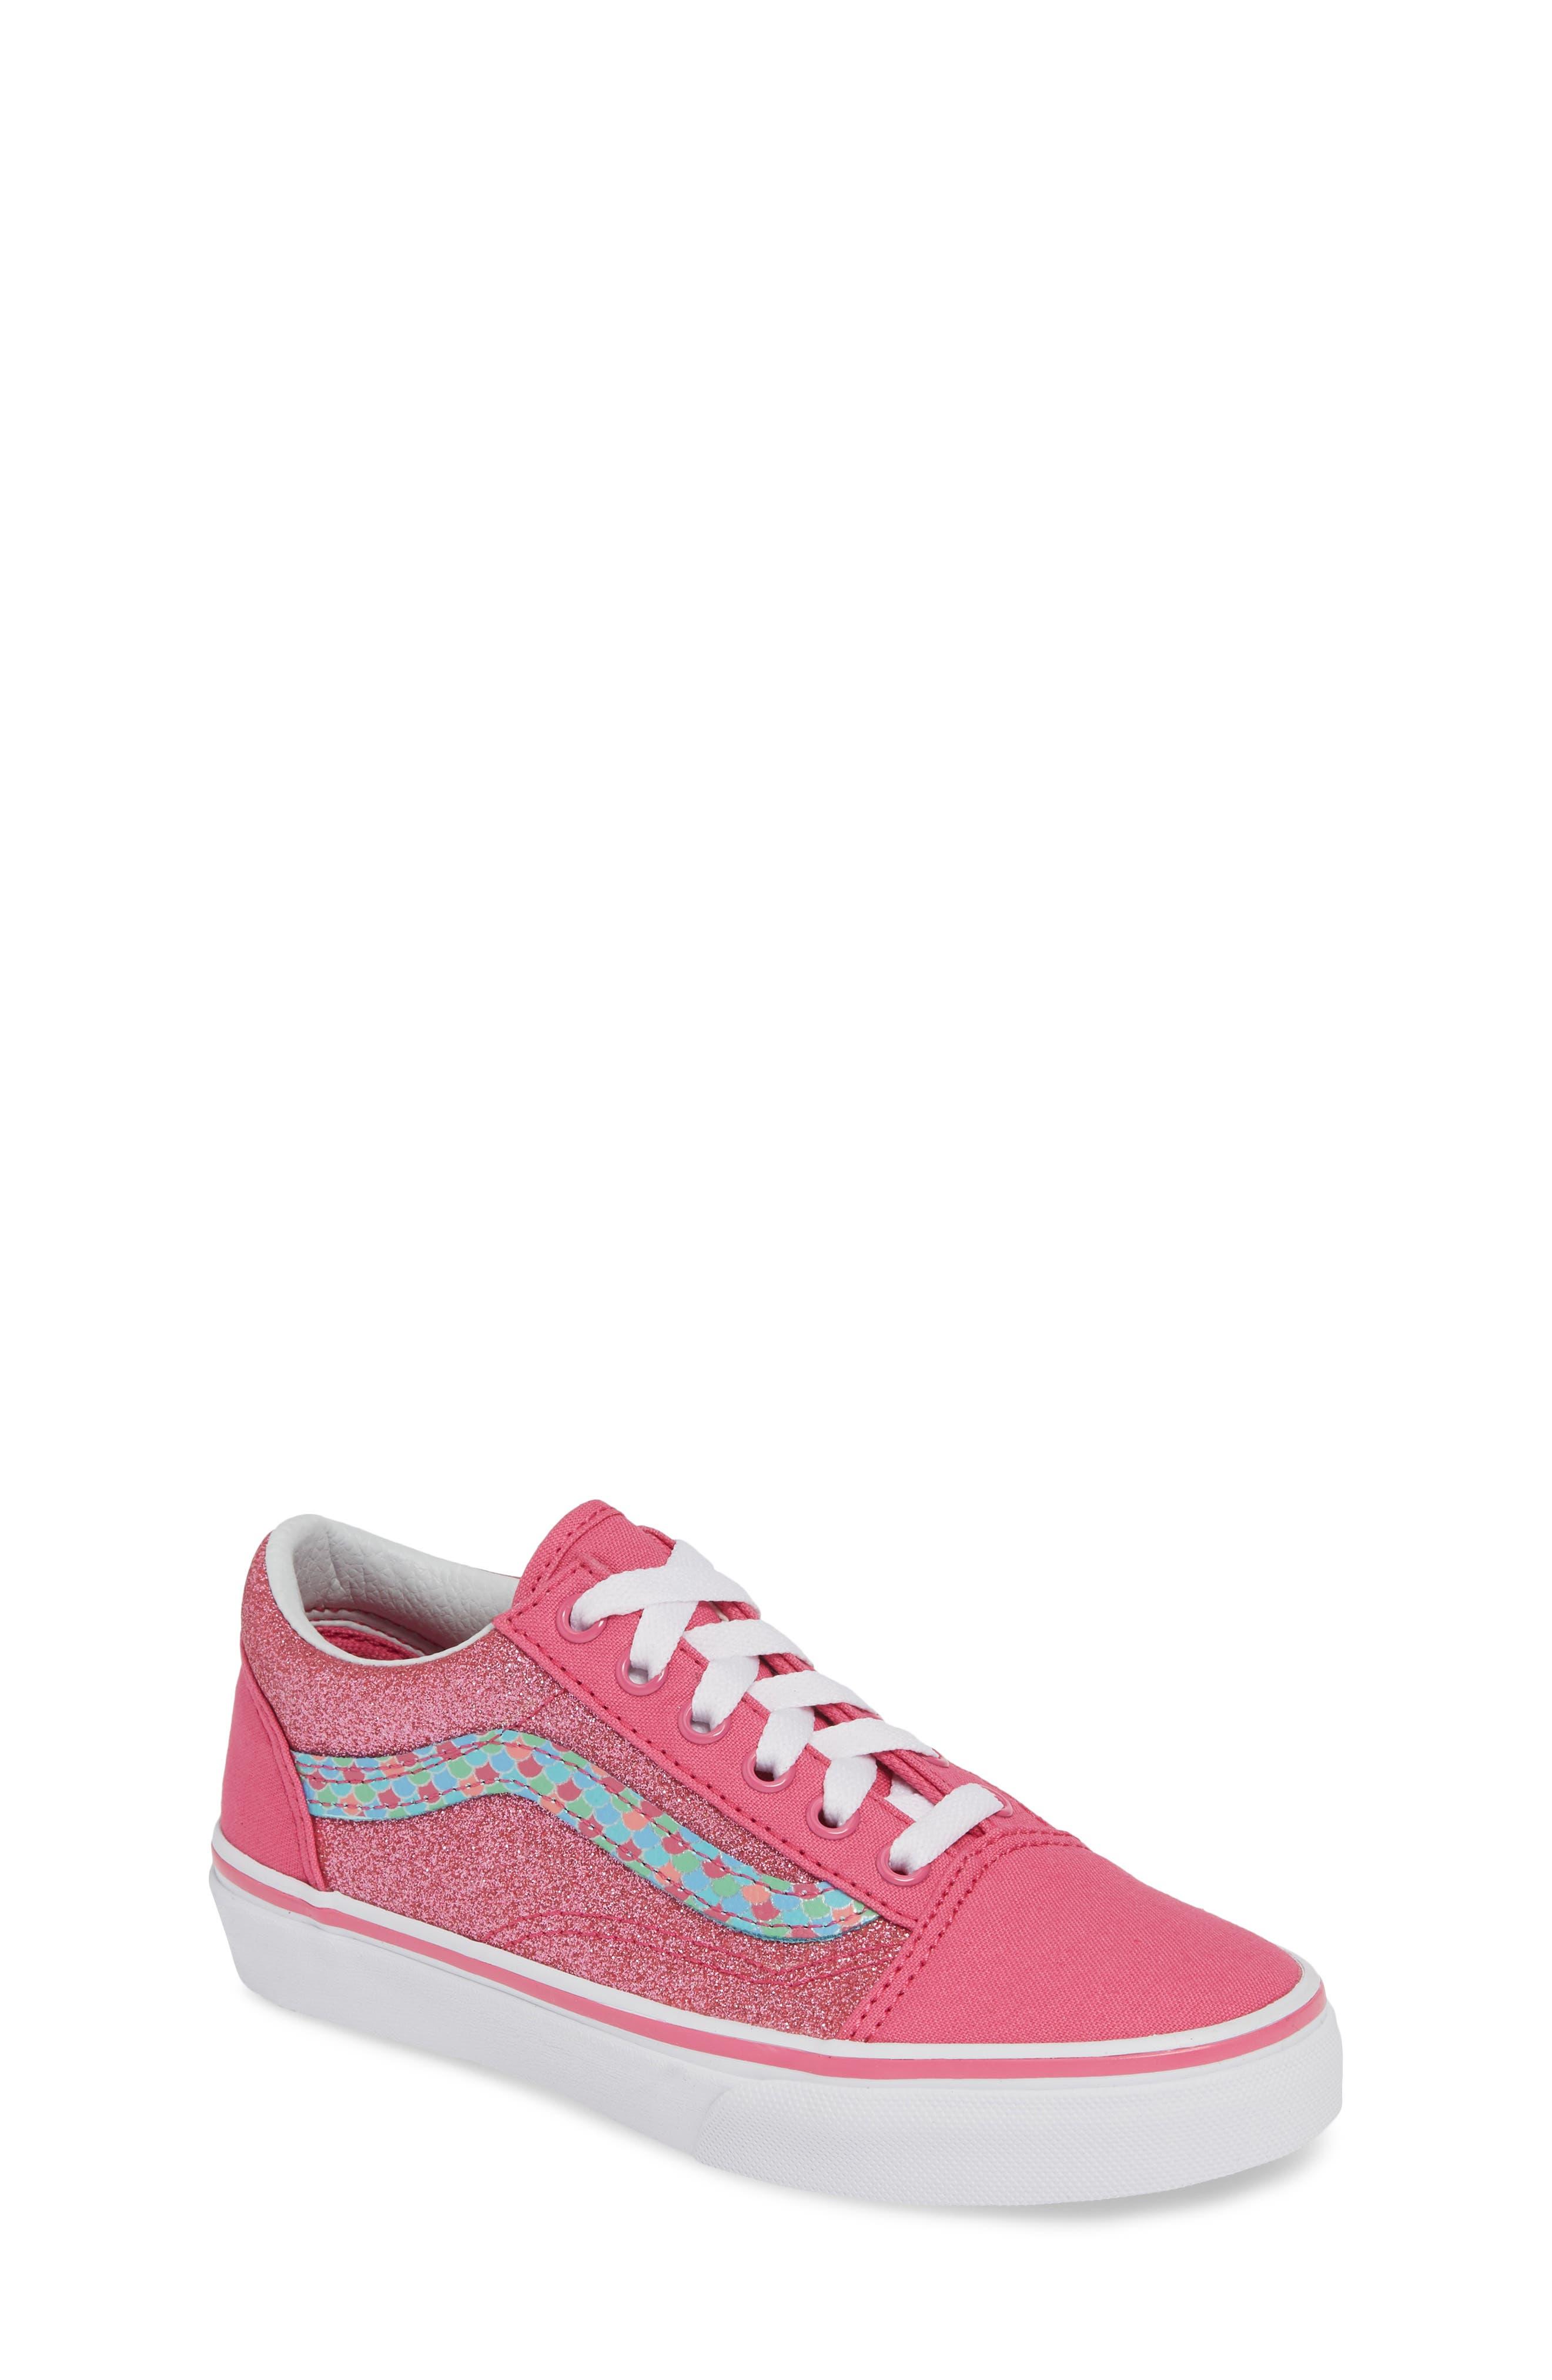 Toddler Vans Old Skool Sneaker Size 11 M  Pink